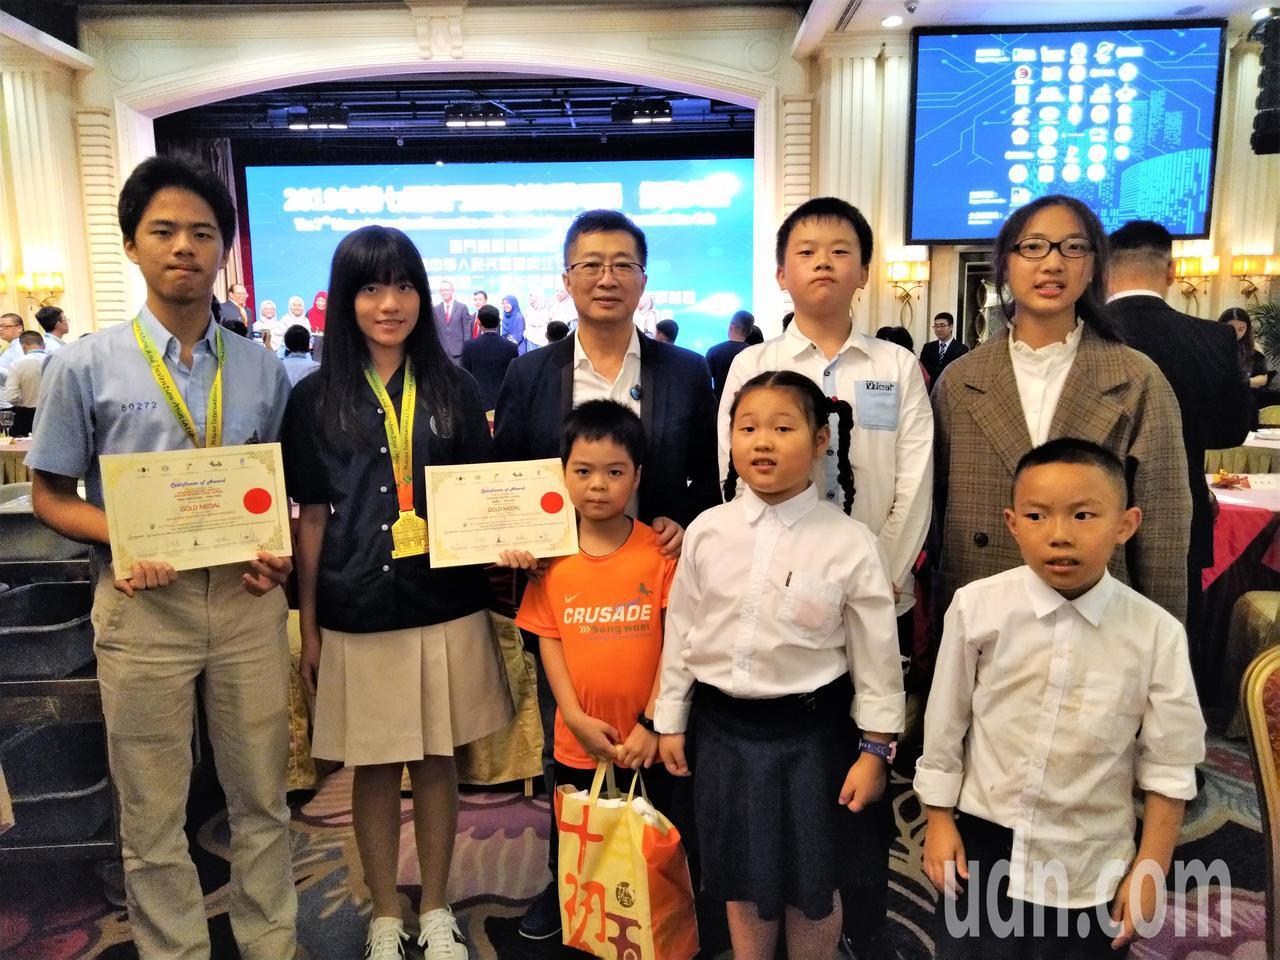 發明老師鄧鴻吉把發明教育帶進大陸,他帶著來自兩岸的學生參加在澳門舉辦的國際發明展...